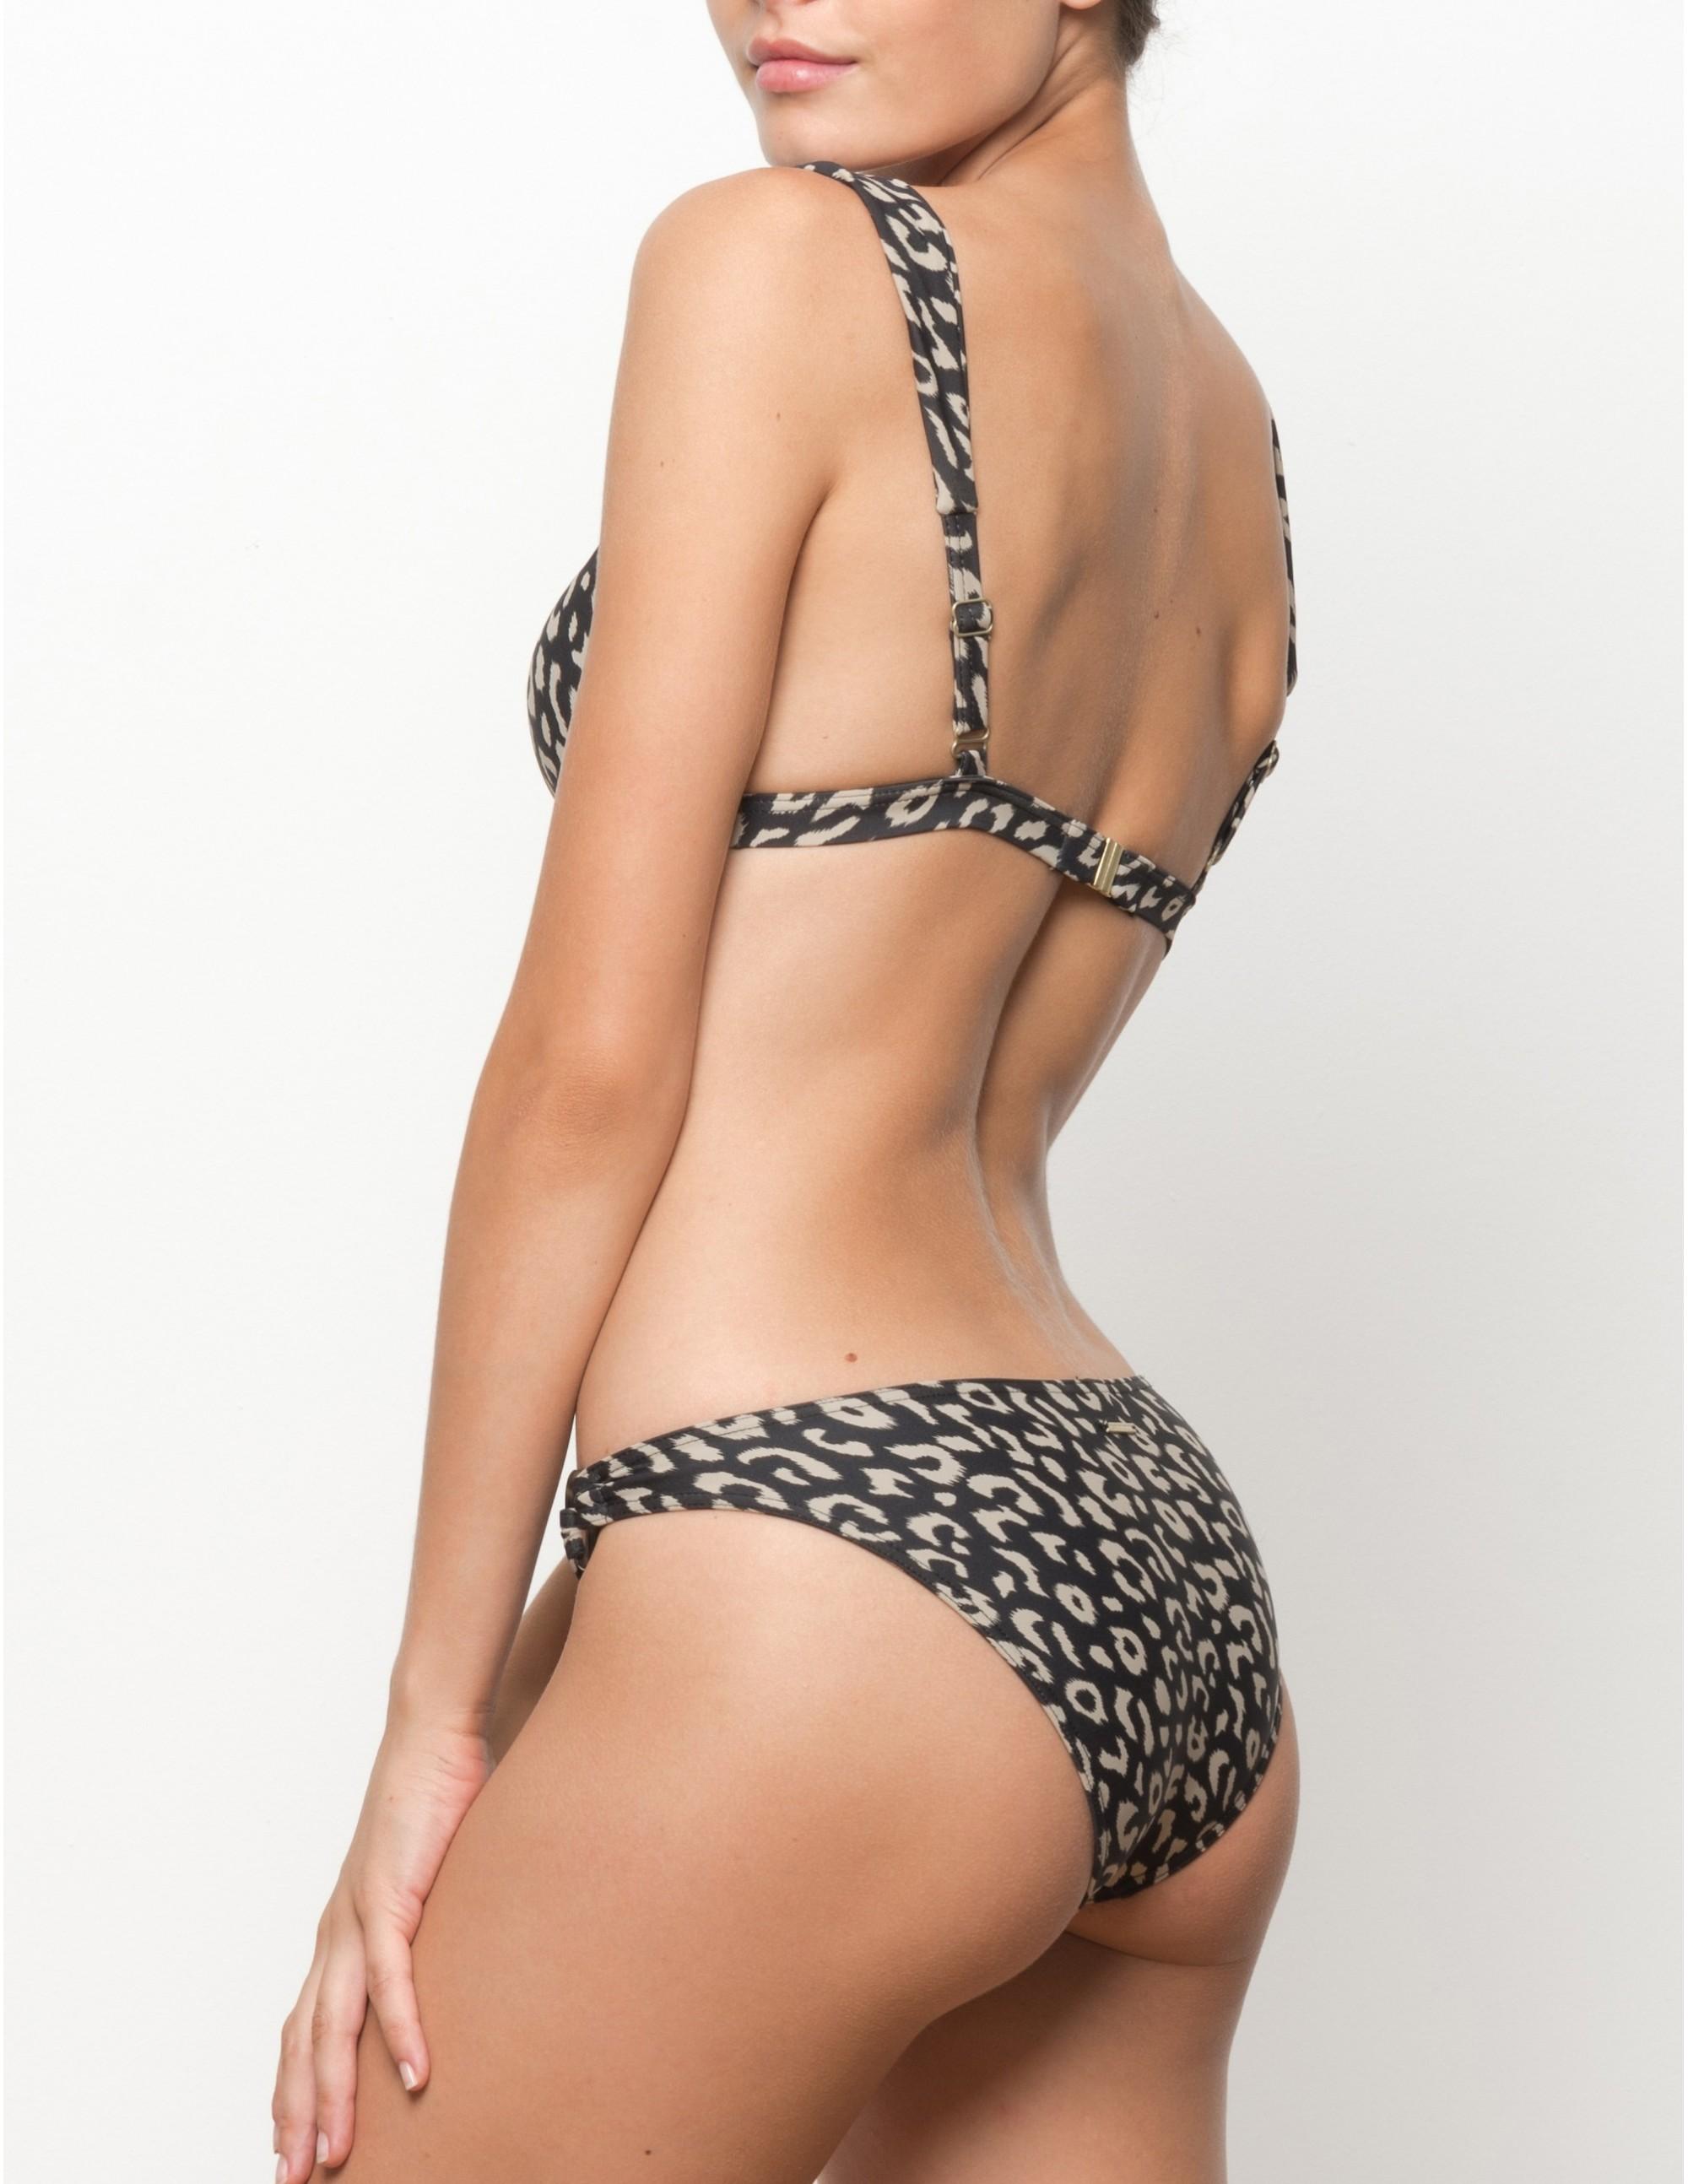 BAWE bikini top - LEOPARD